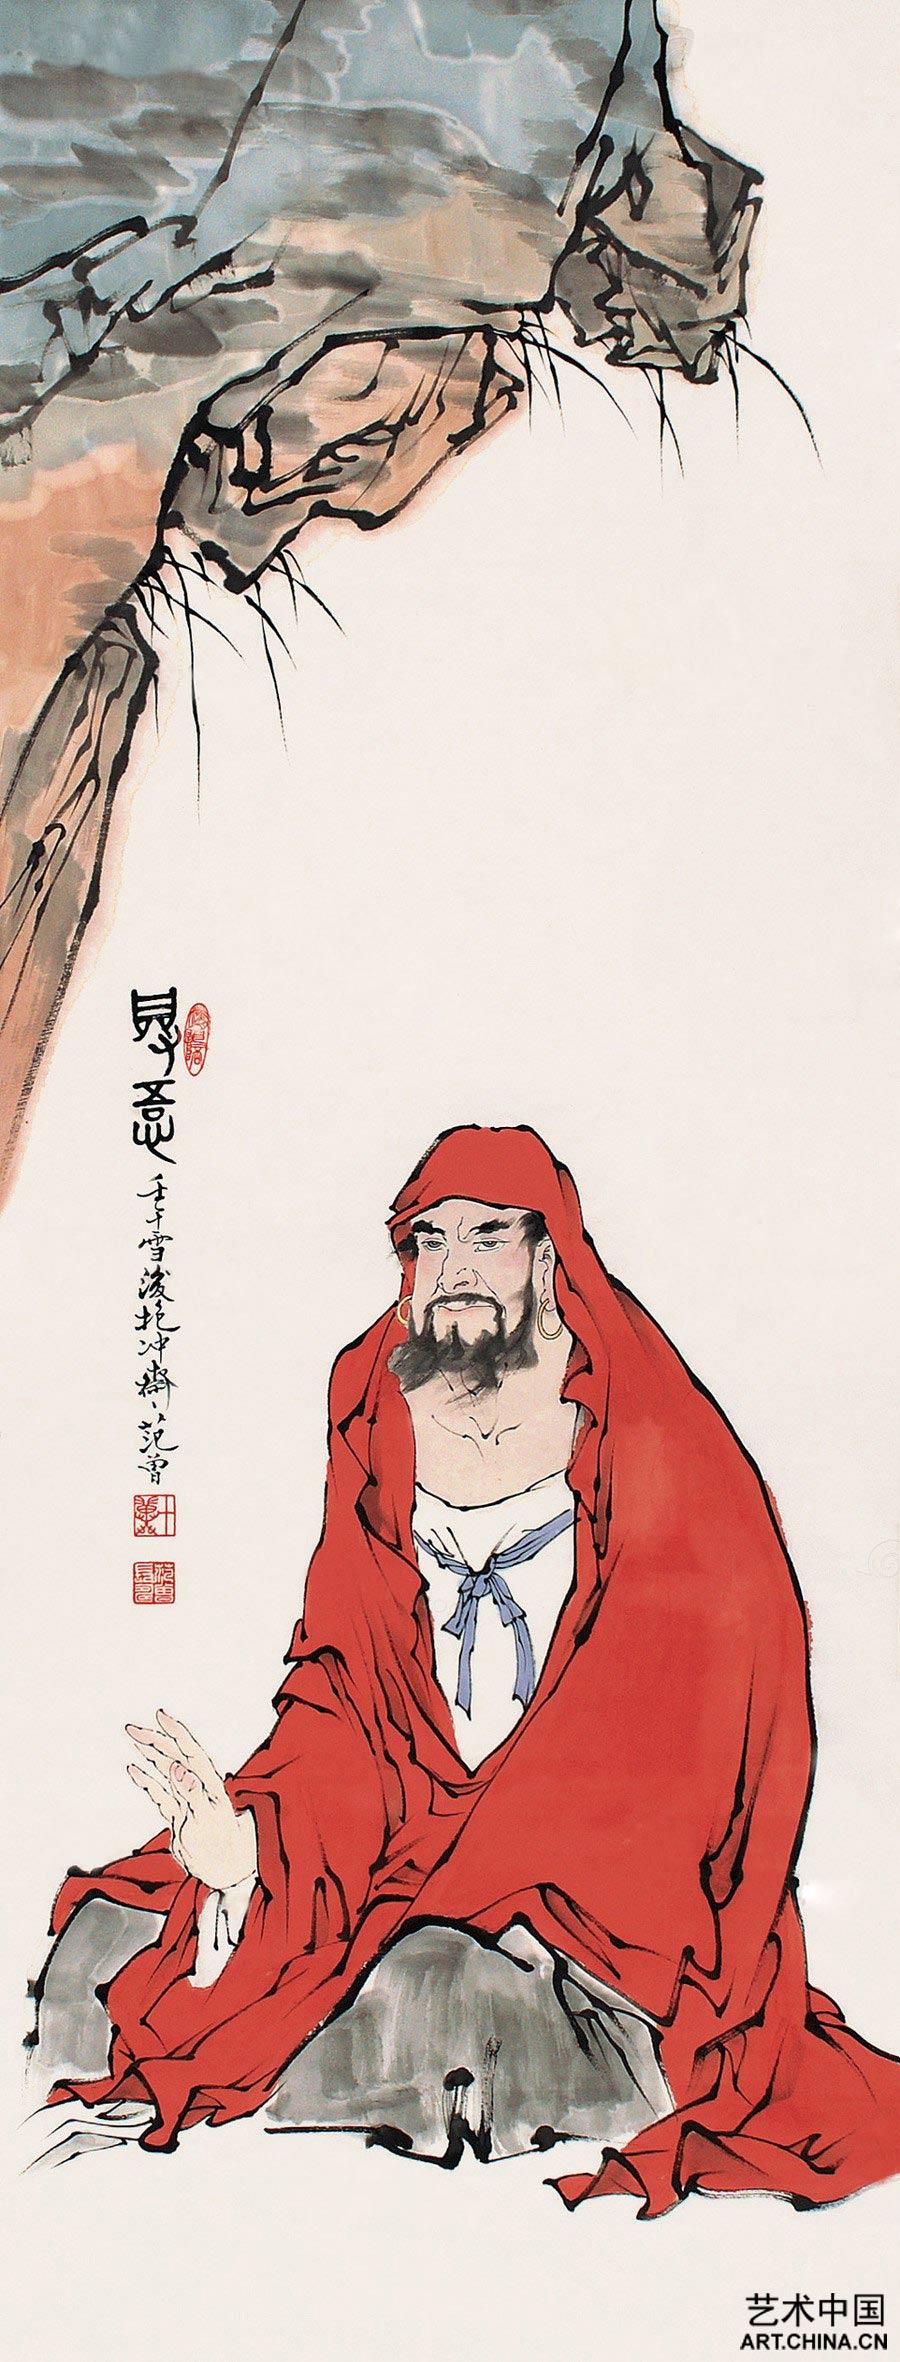 范曾 2002年作; 何农 范曾——中国书画名家作品鉴赏; 2002年作 达摩图片